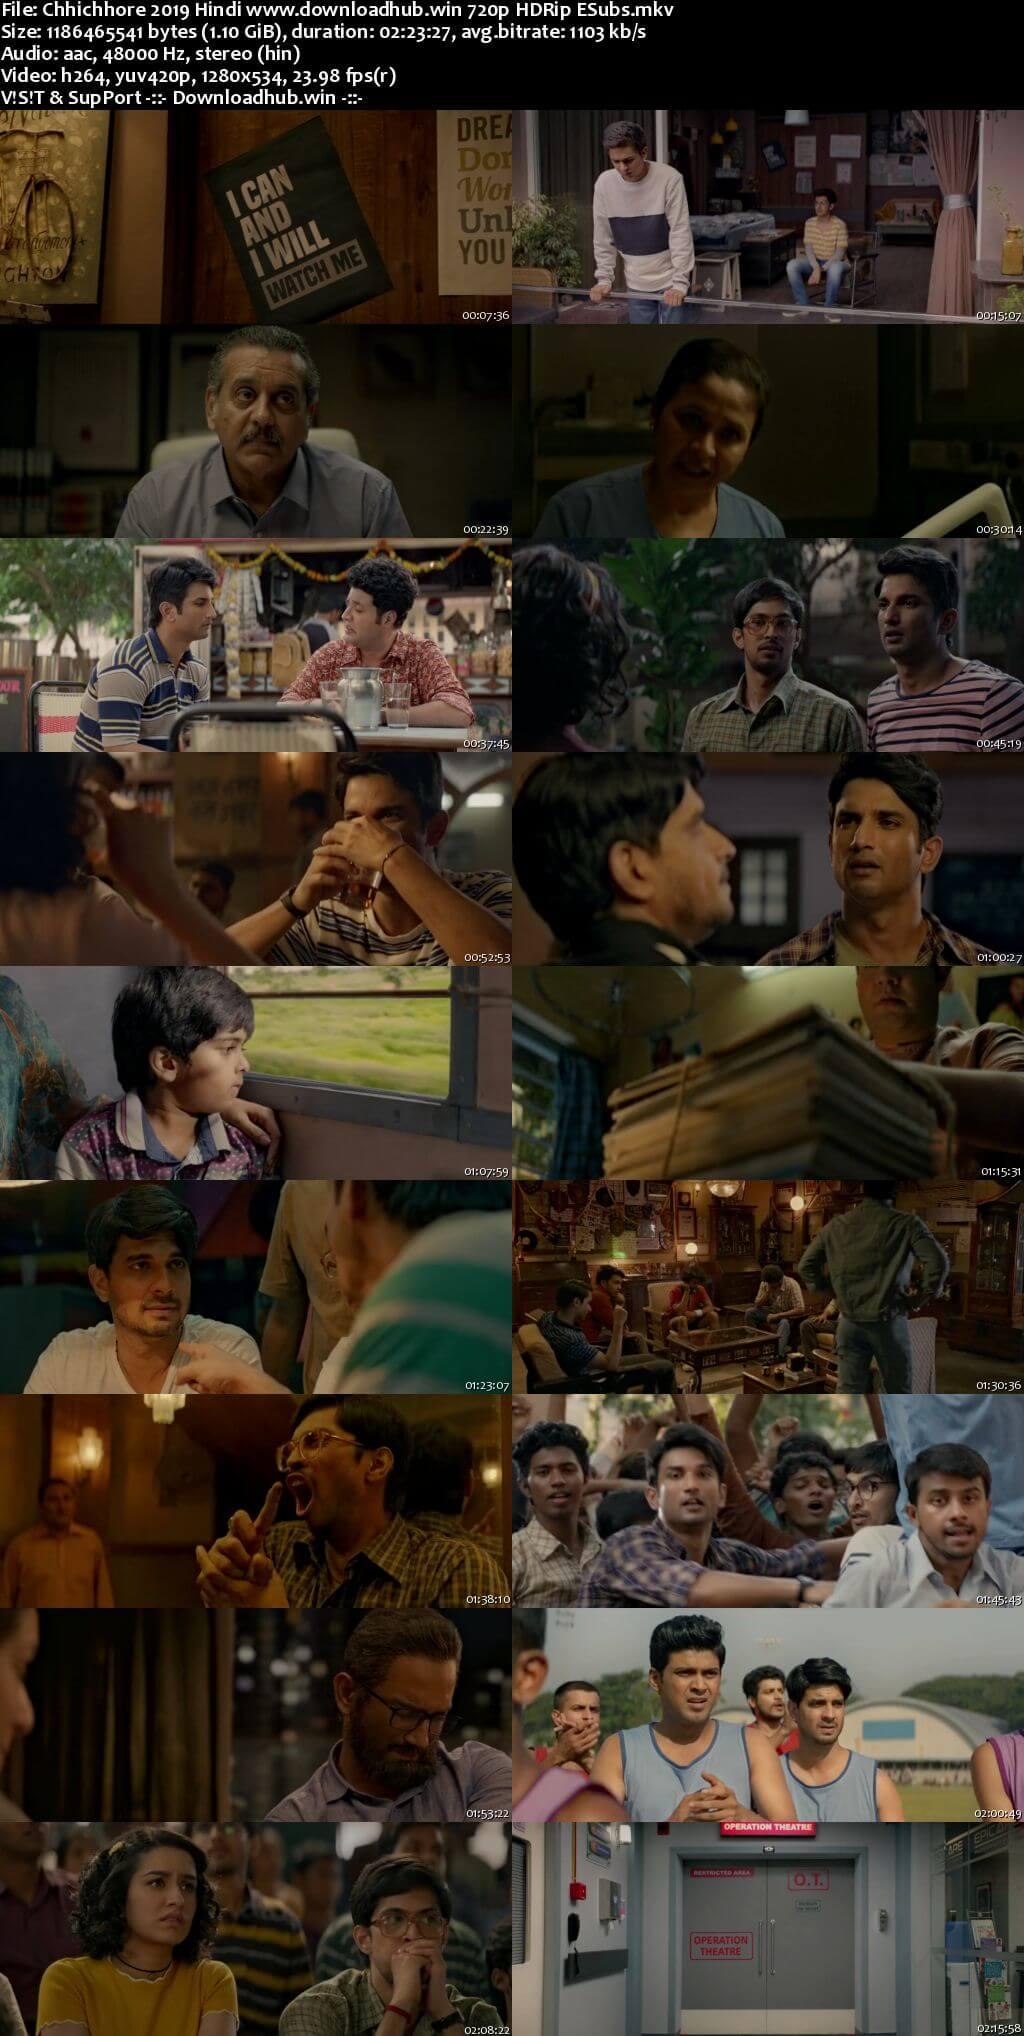 Chhichhore 2019 Hindi 720p HDRip ESubs